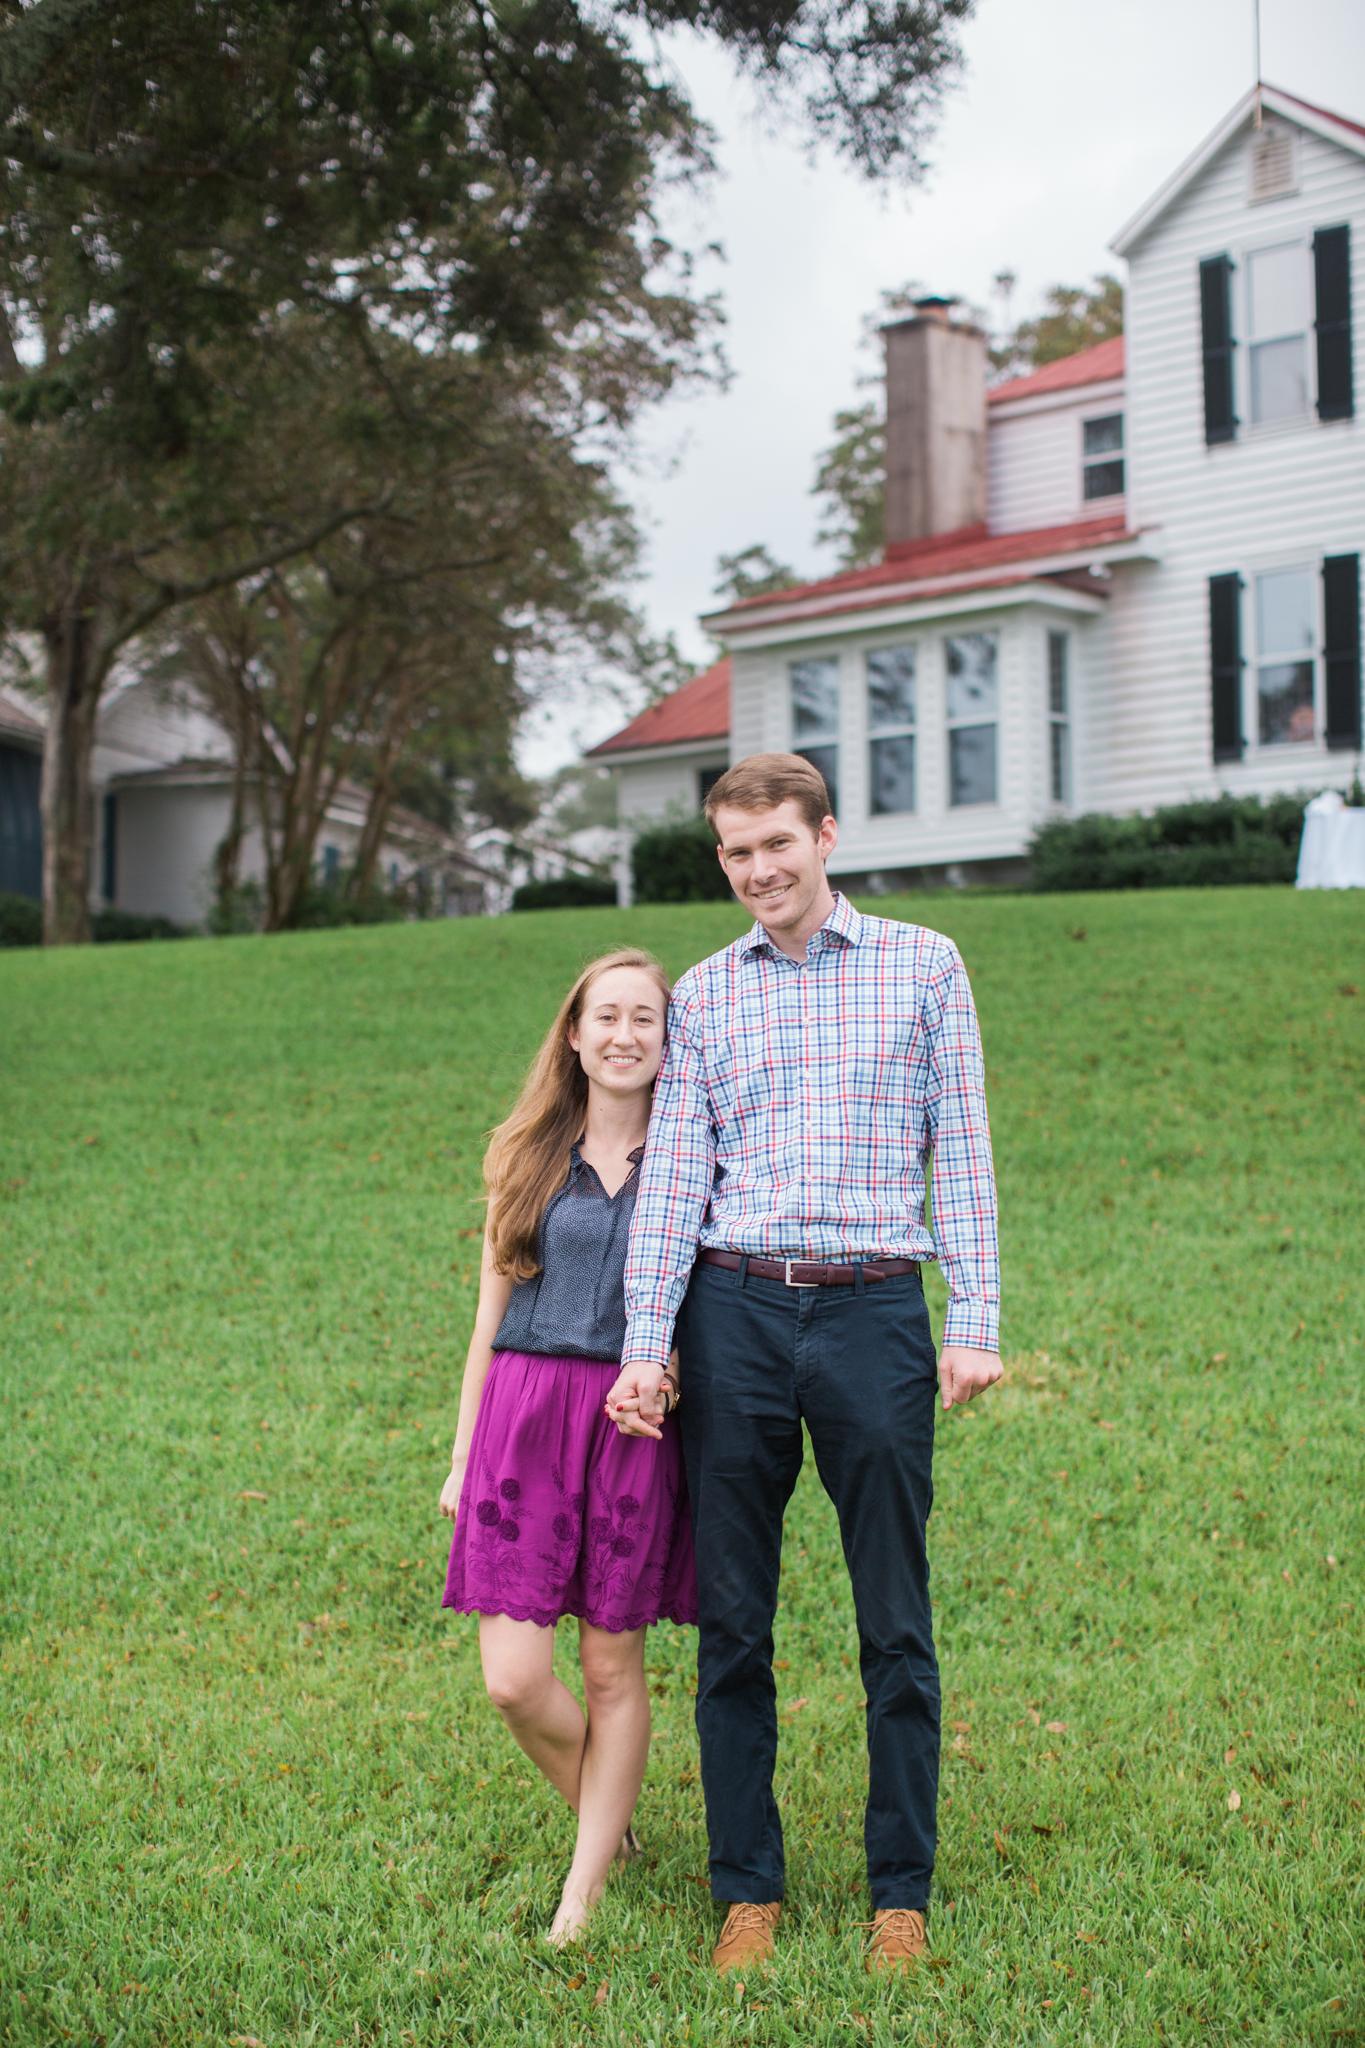 Greg-Allison-Charleston-Wedding-Photographer-Christina-Pugh-41.jpg